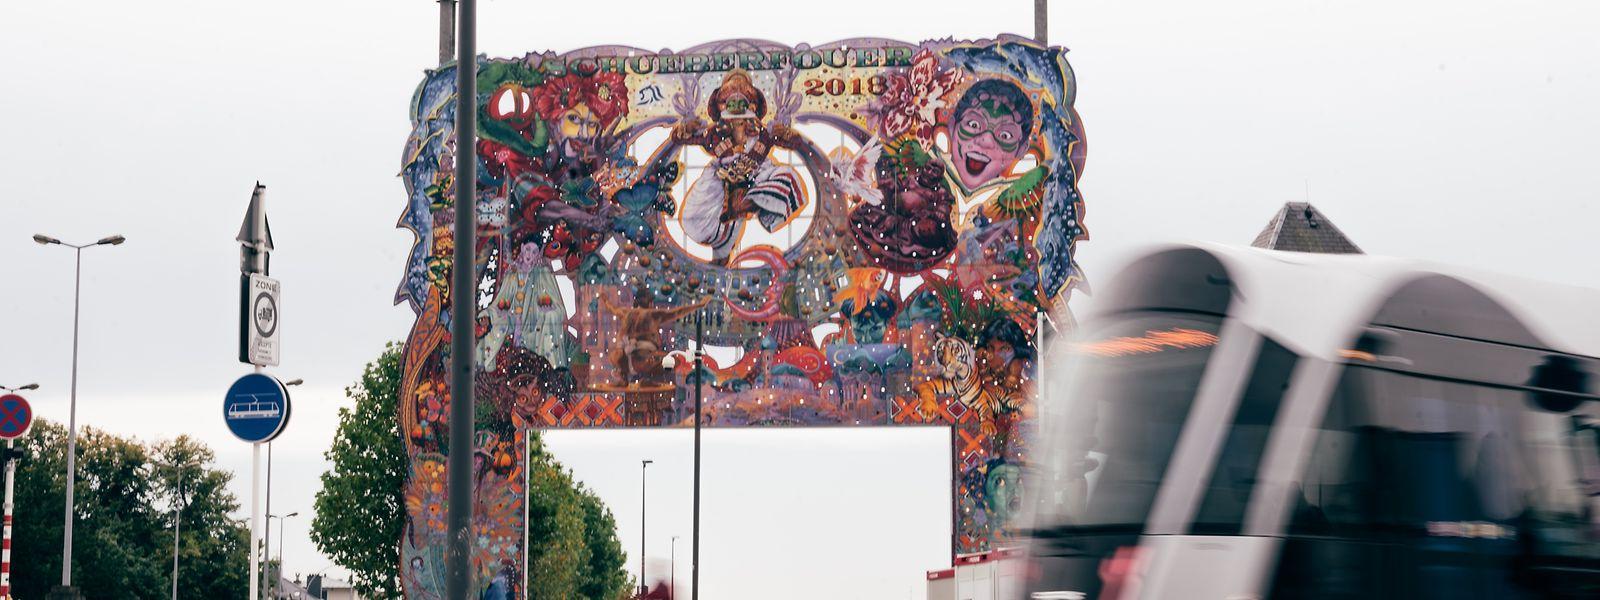 Das Portal thront bereits am Rande des Glacis-Feldes. Am 23. August ist der Auftakt der beliebten Schobermesse.